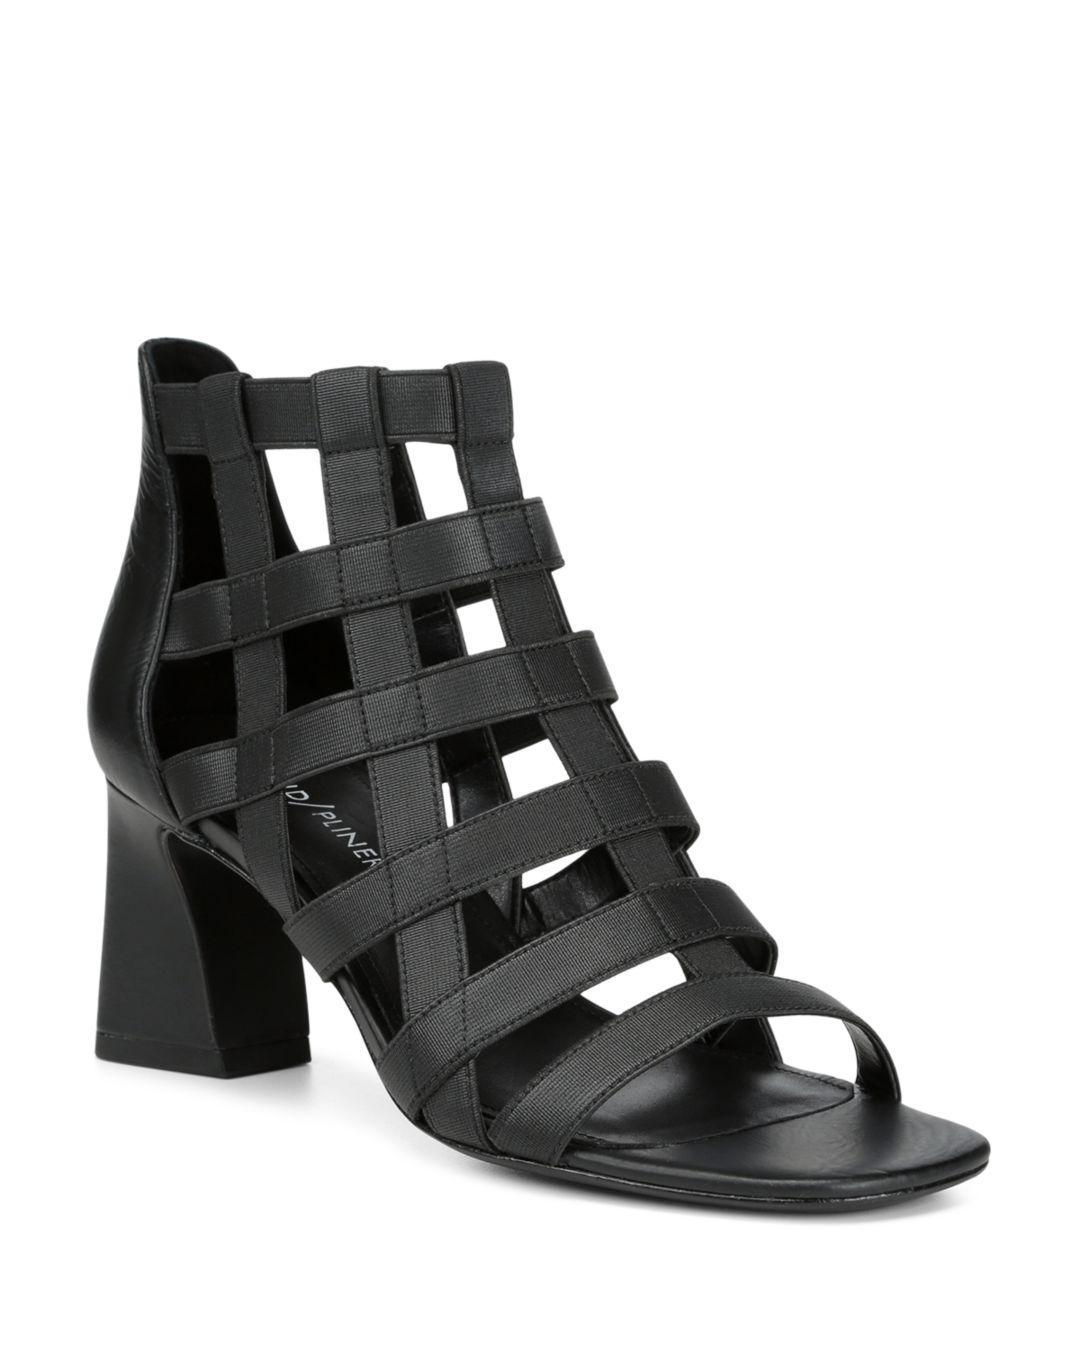 0ccf874e210 Lyst - Donald J Pliner Visto Strappy Sandal in Black - Save 30%